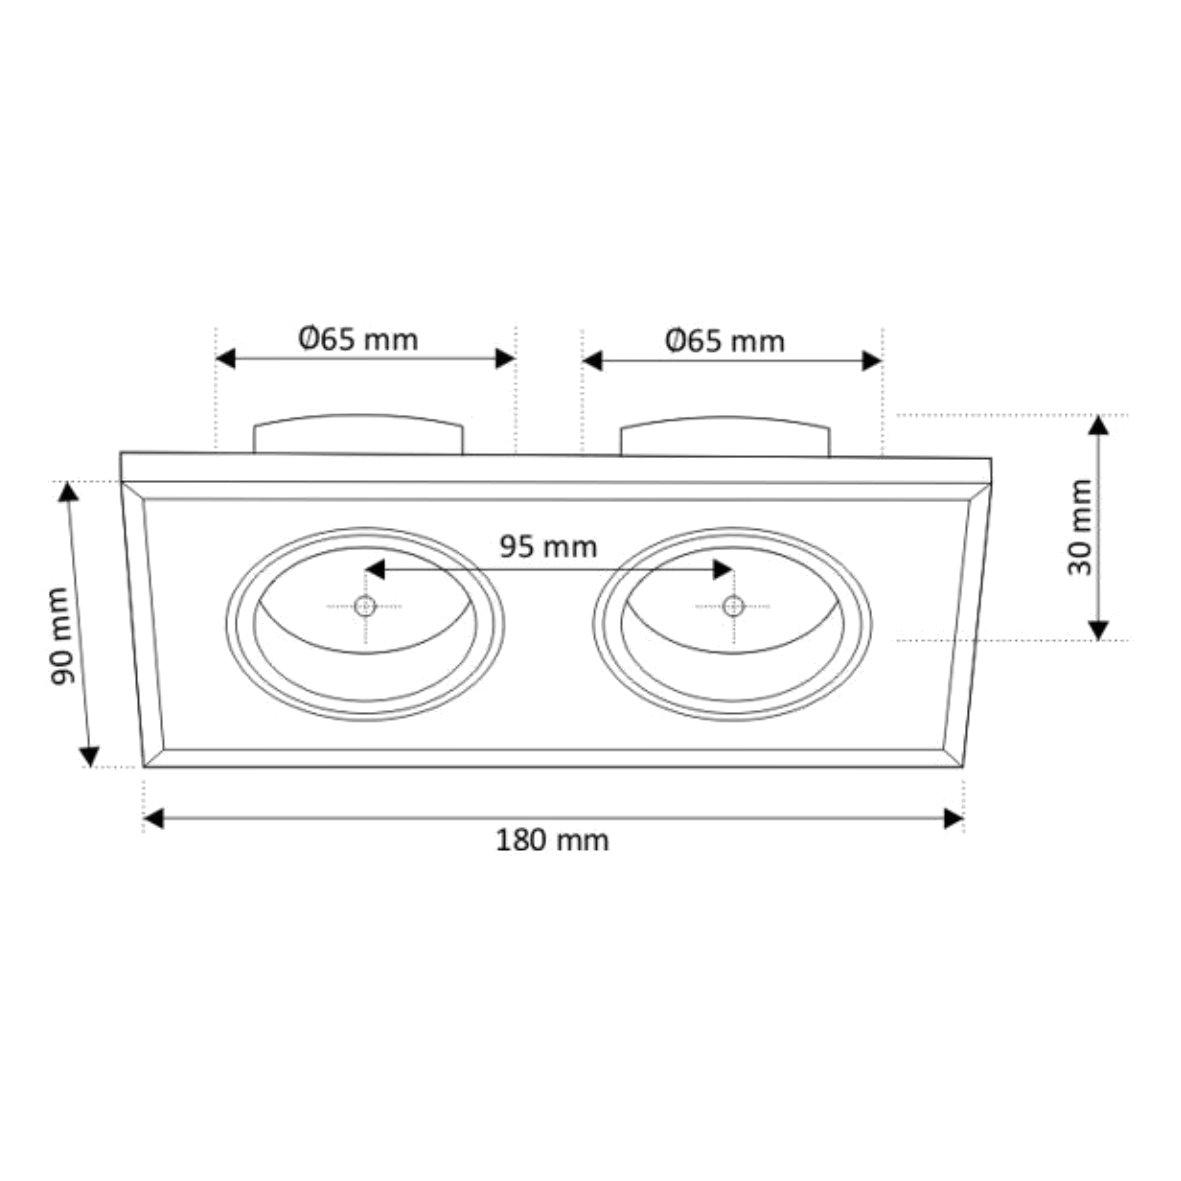 glas einbauleuchte spot strahler kristall einbaurahmen einbaustrahler einbau ebay. Black Bedroom Furniture Sets. Home Design Ideas